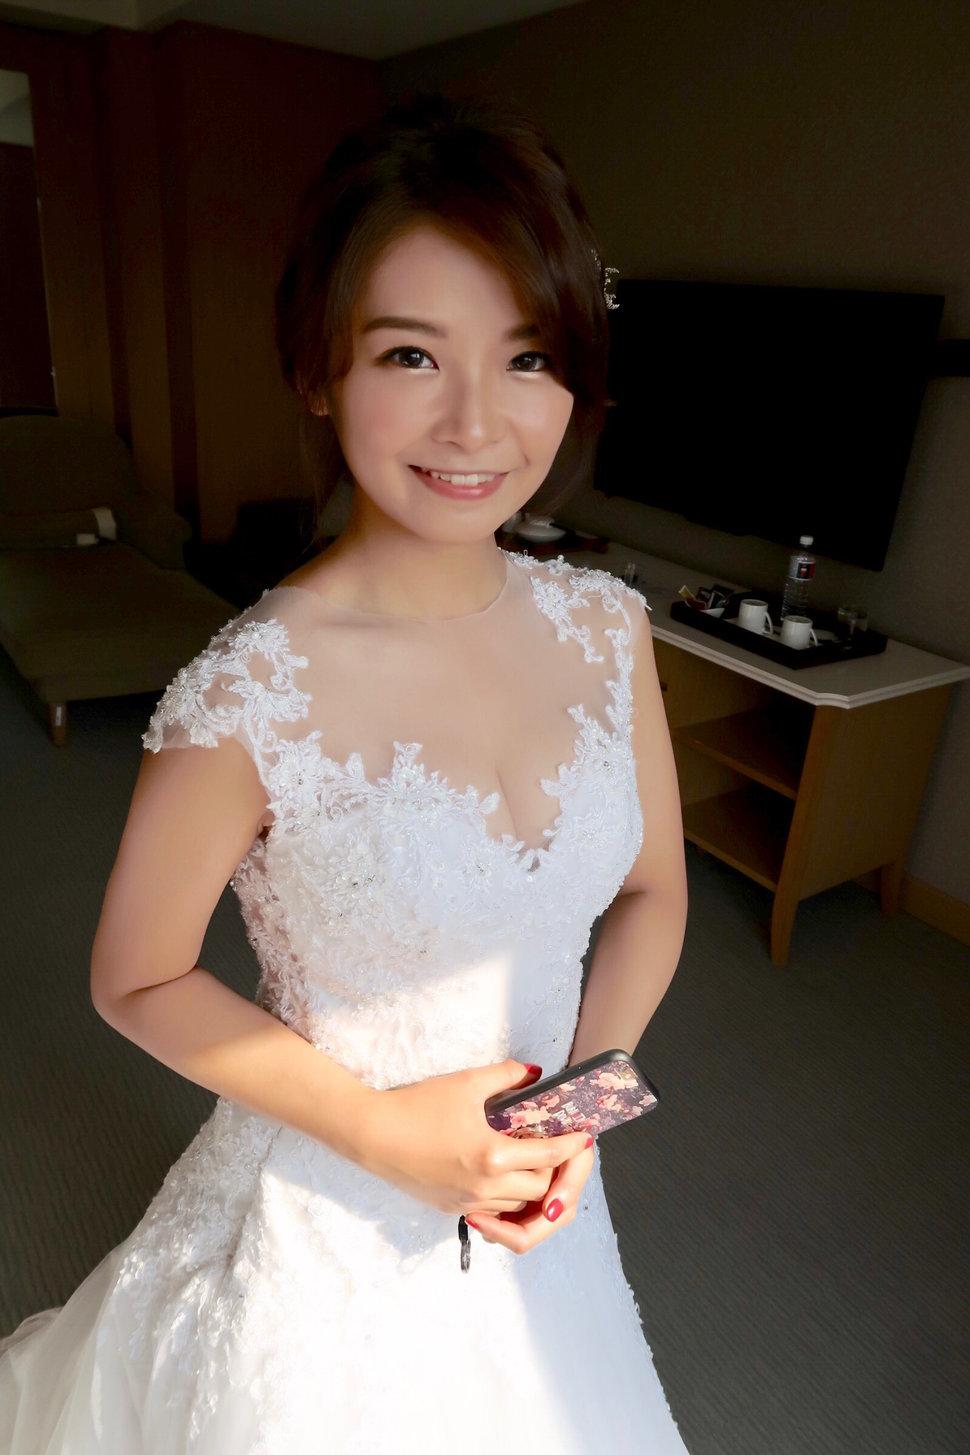 9AF749B7-0ABB-4E9D-B90E-412B00A2C719 - Lydia姿君wedding style - 結婚吧